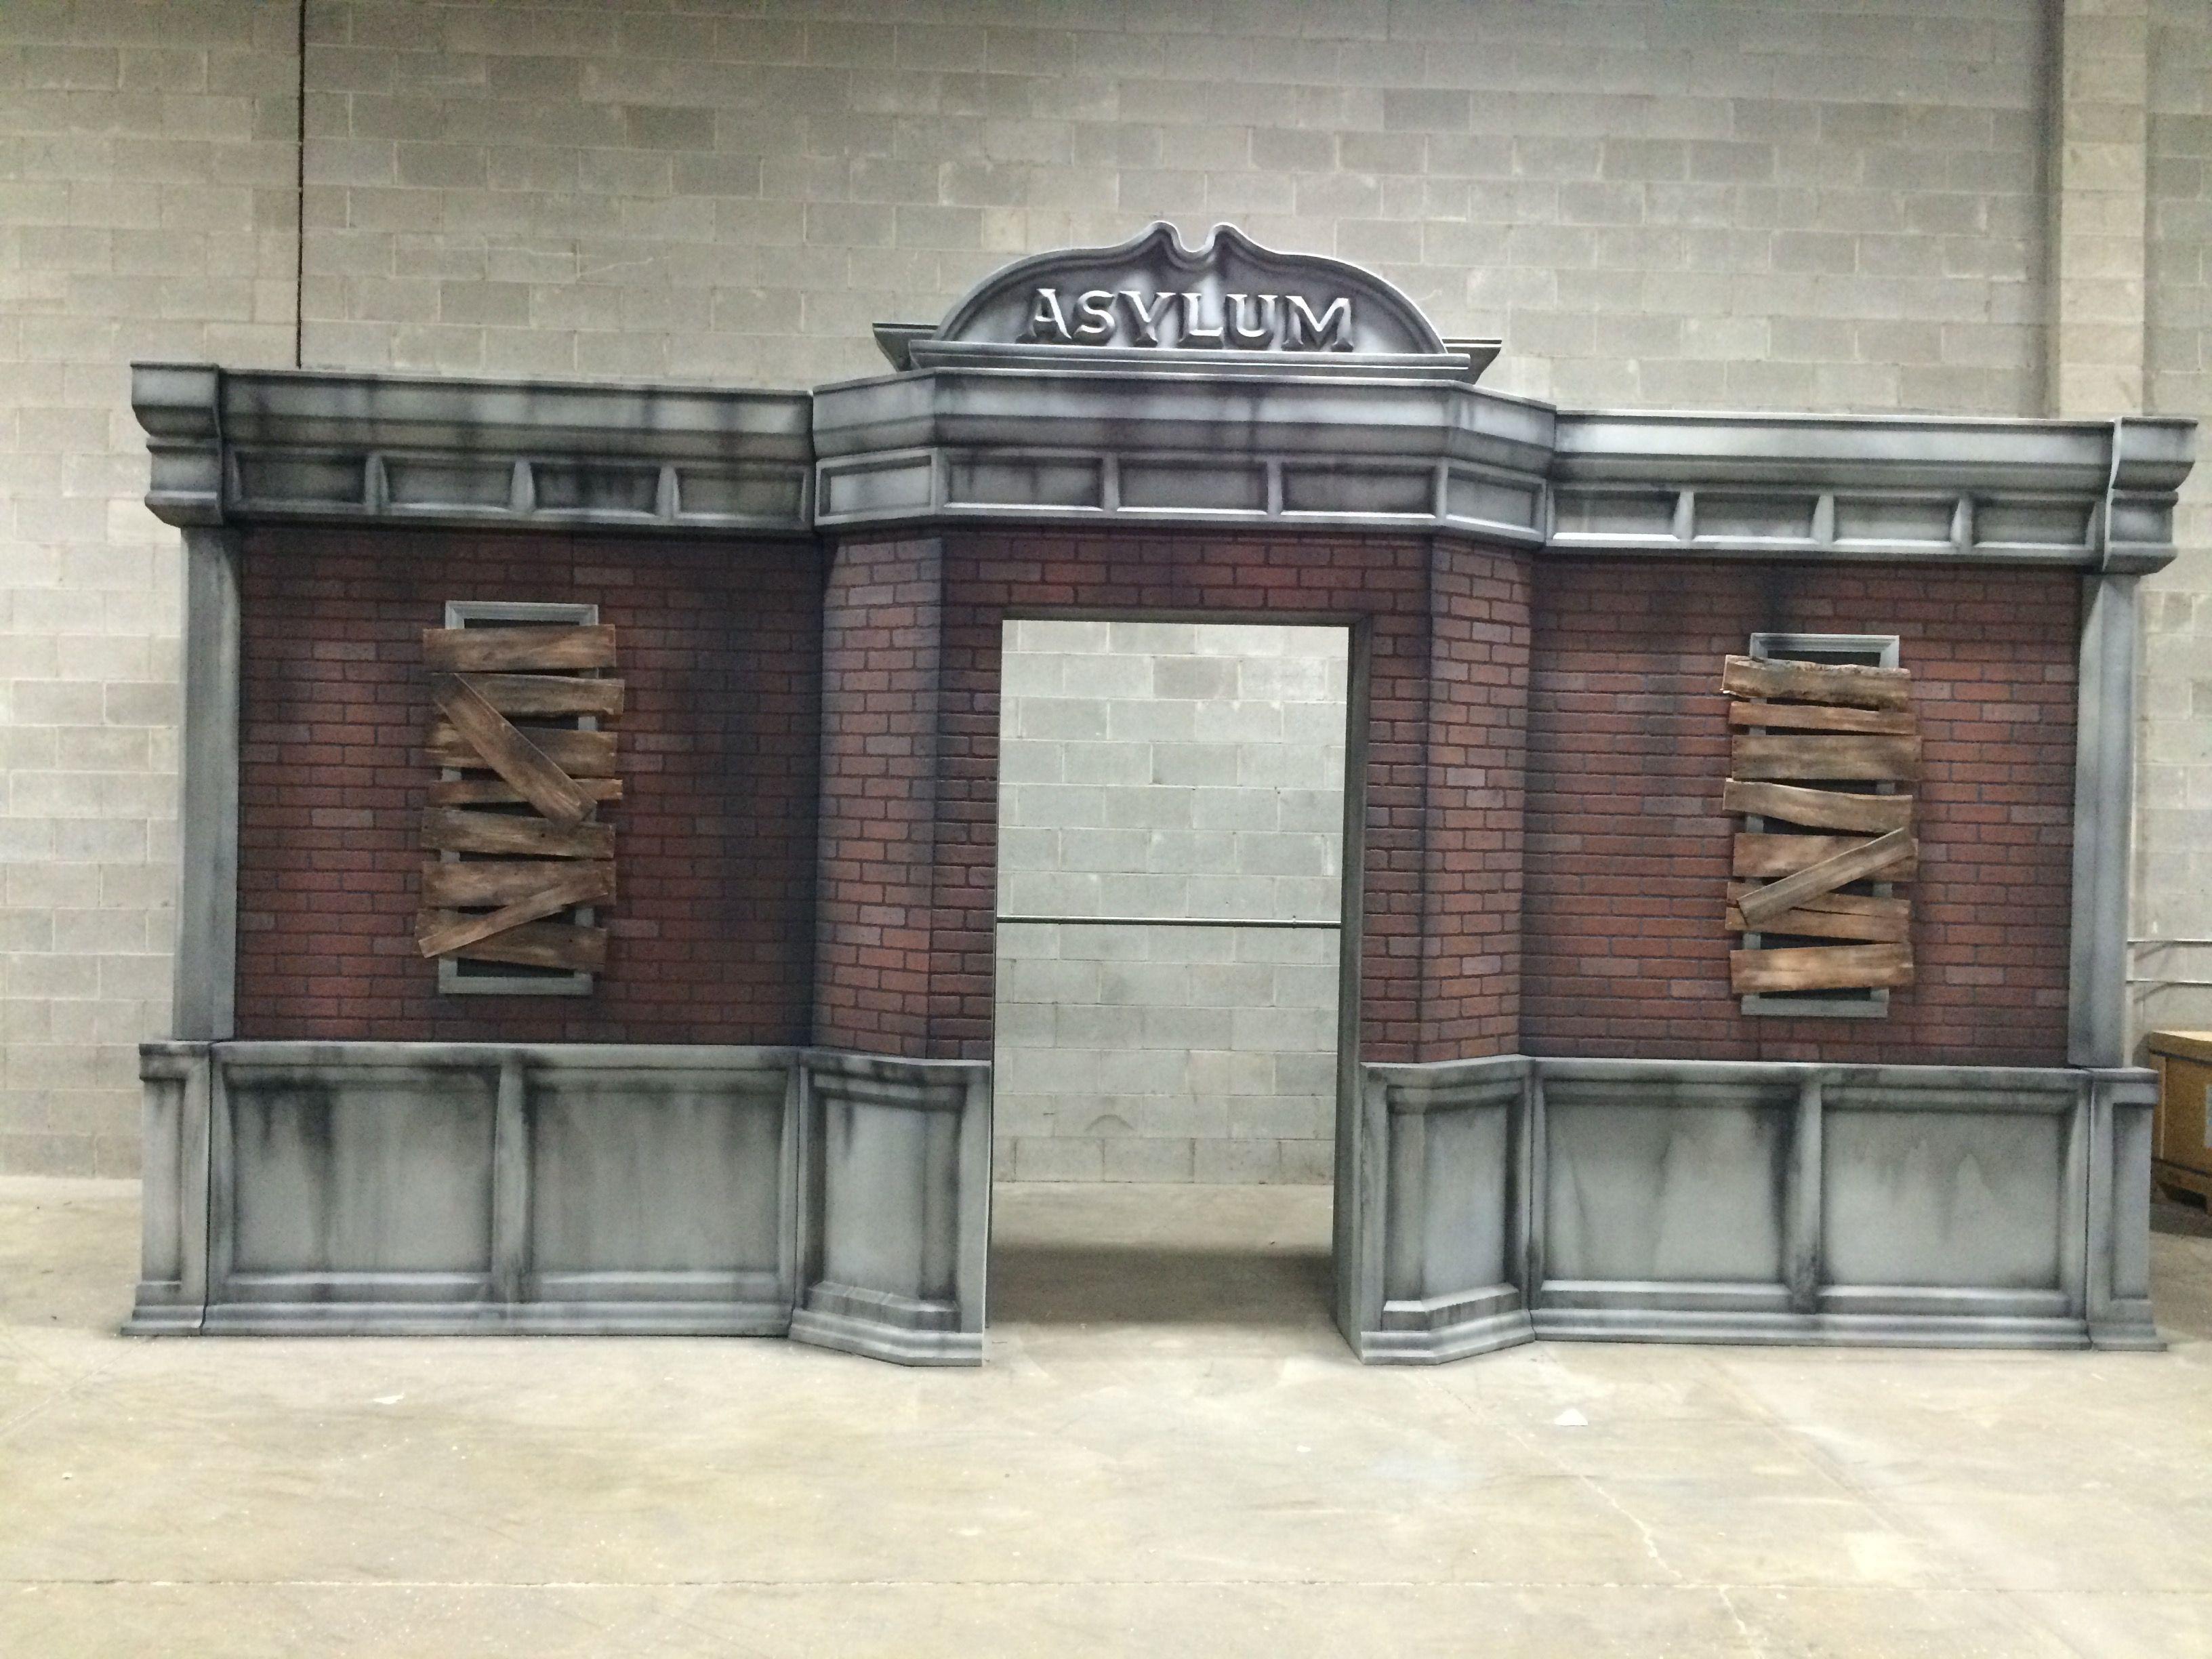 Asylum Haunted House Entry Facade Legacy 3d Fx